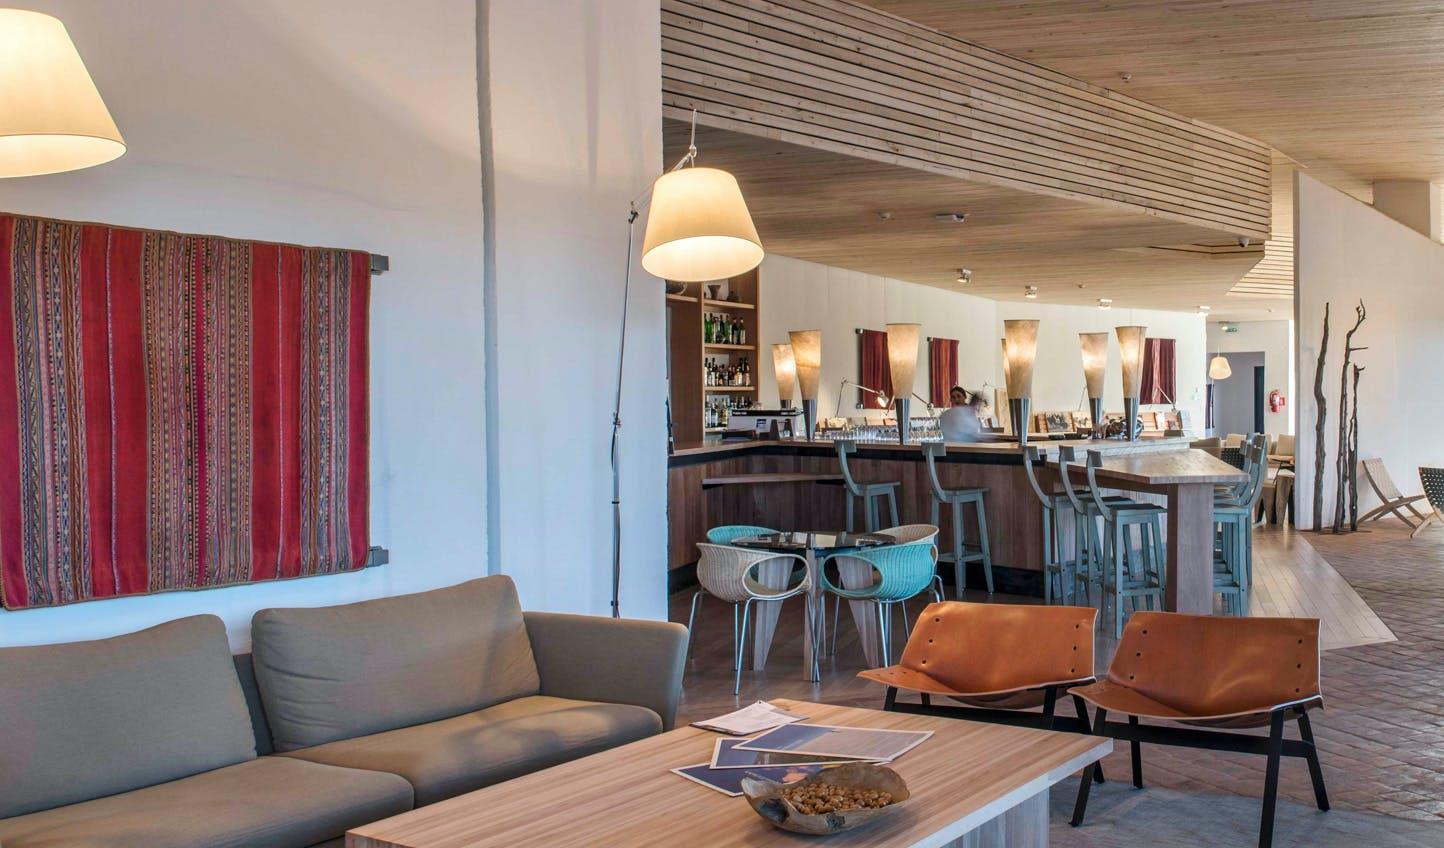 Explora Atacama | Luxury Hotels in Chile